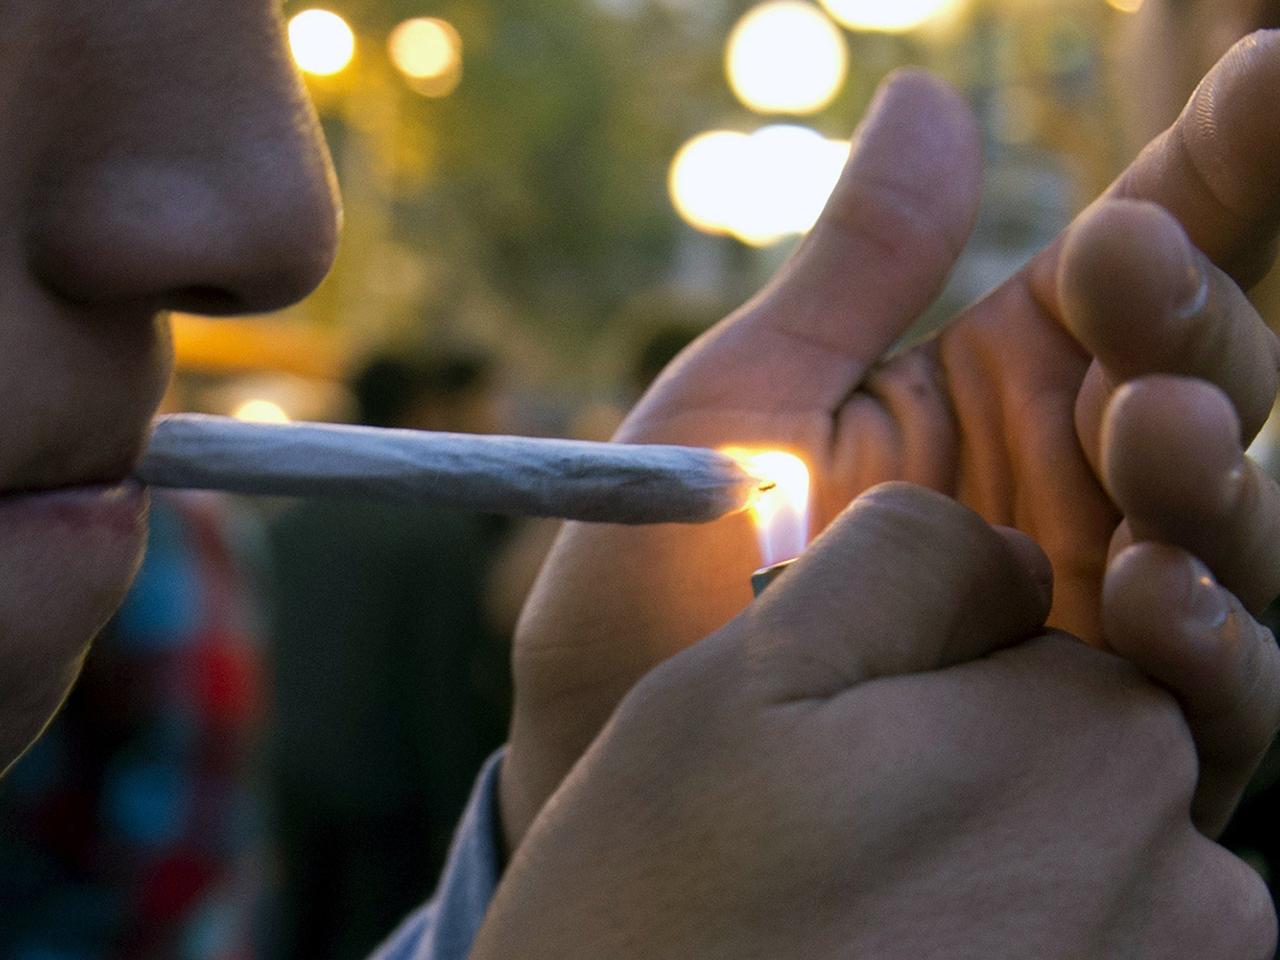 marijuana smoker